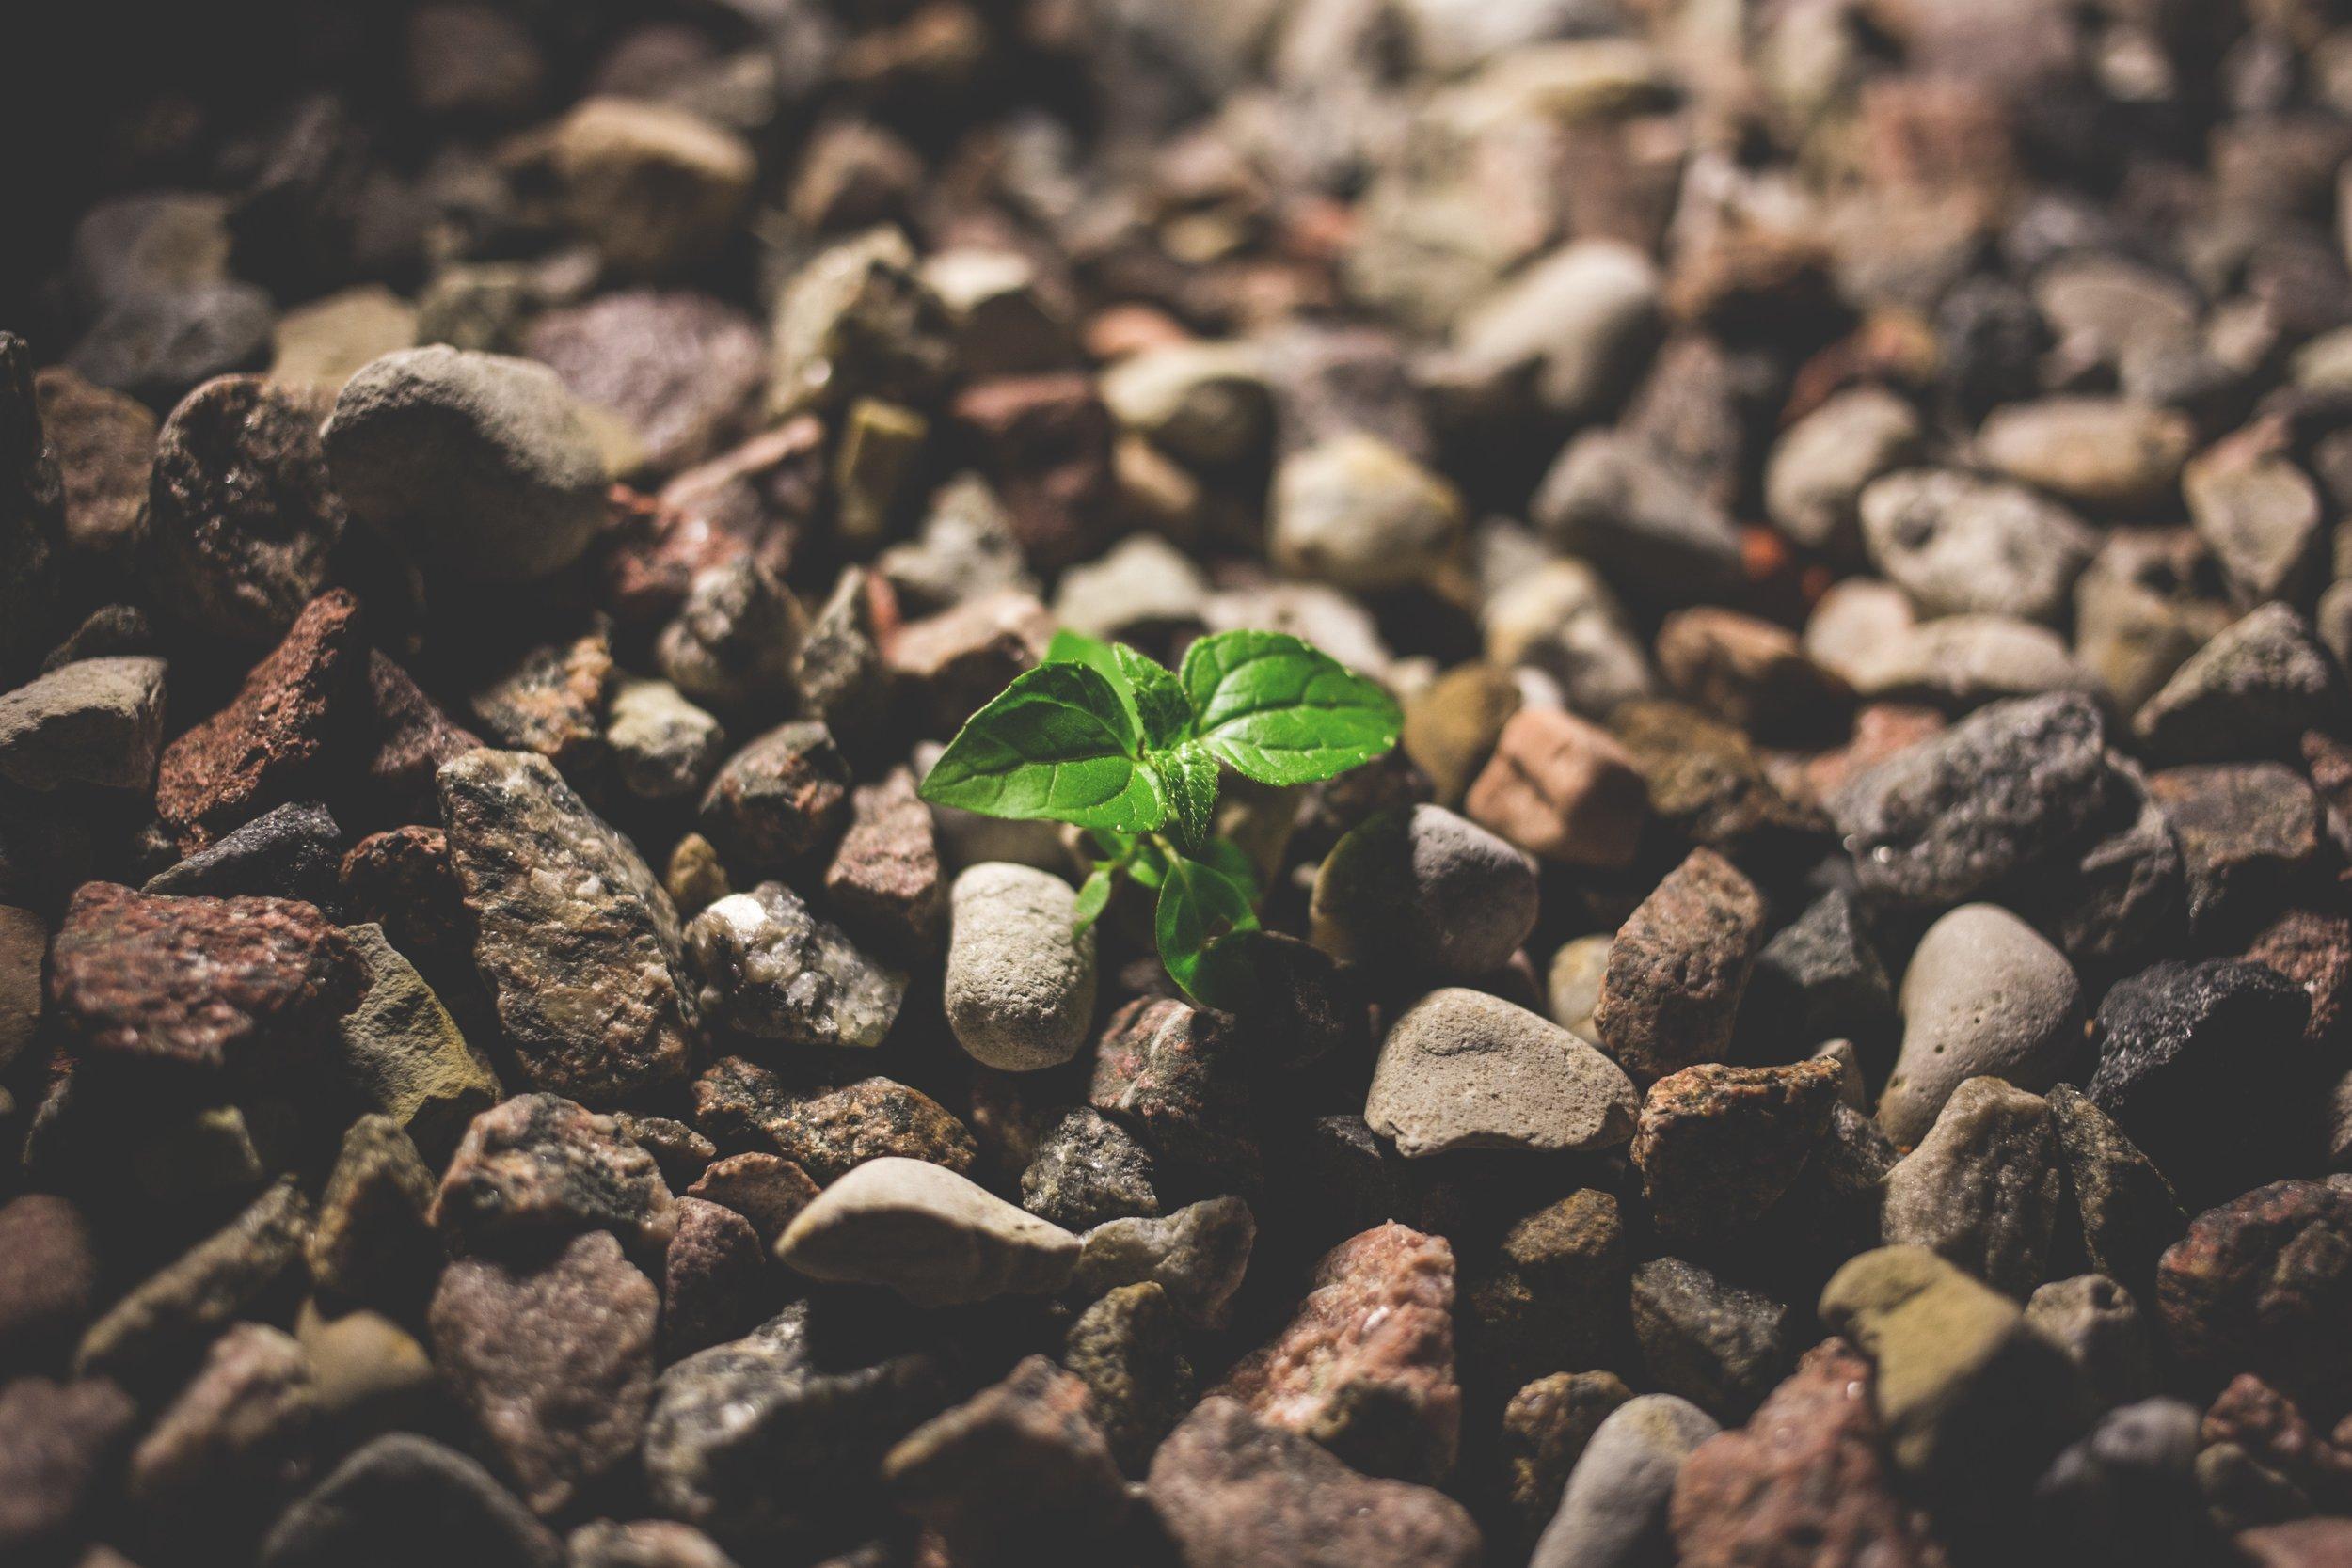 focus-growth-leaves-127713.jpg